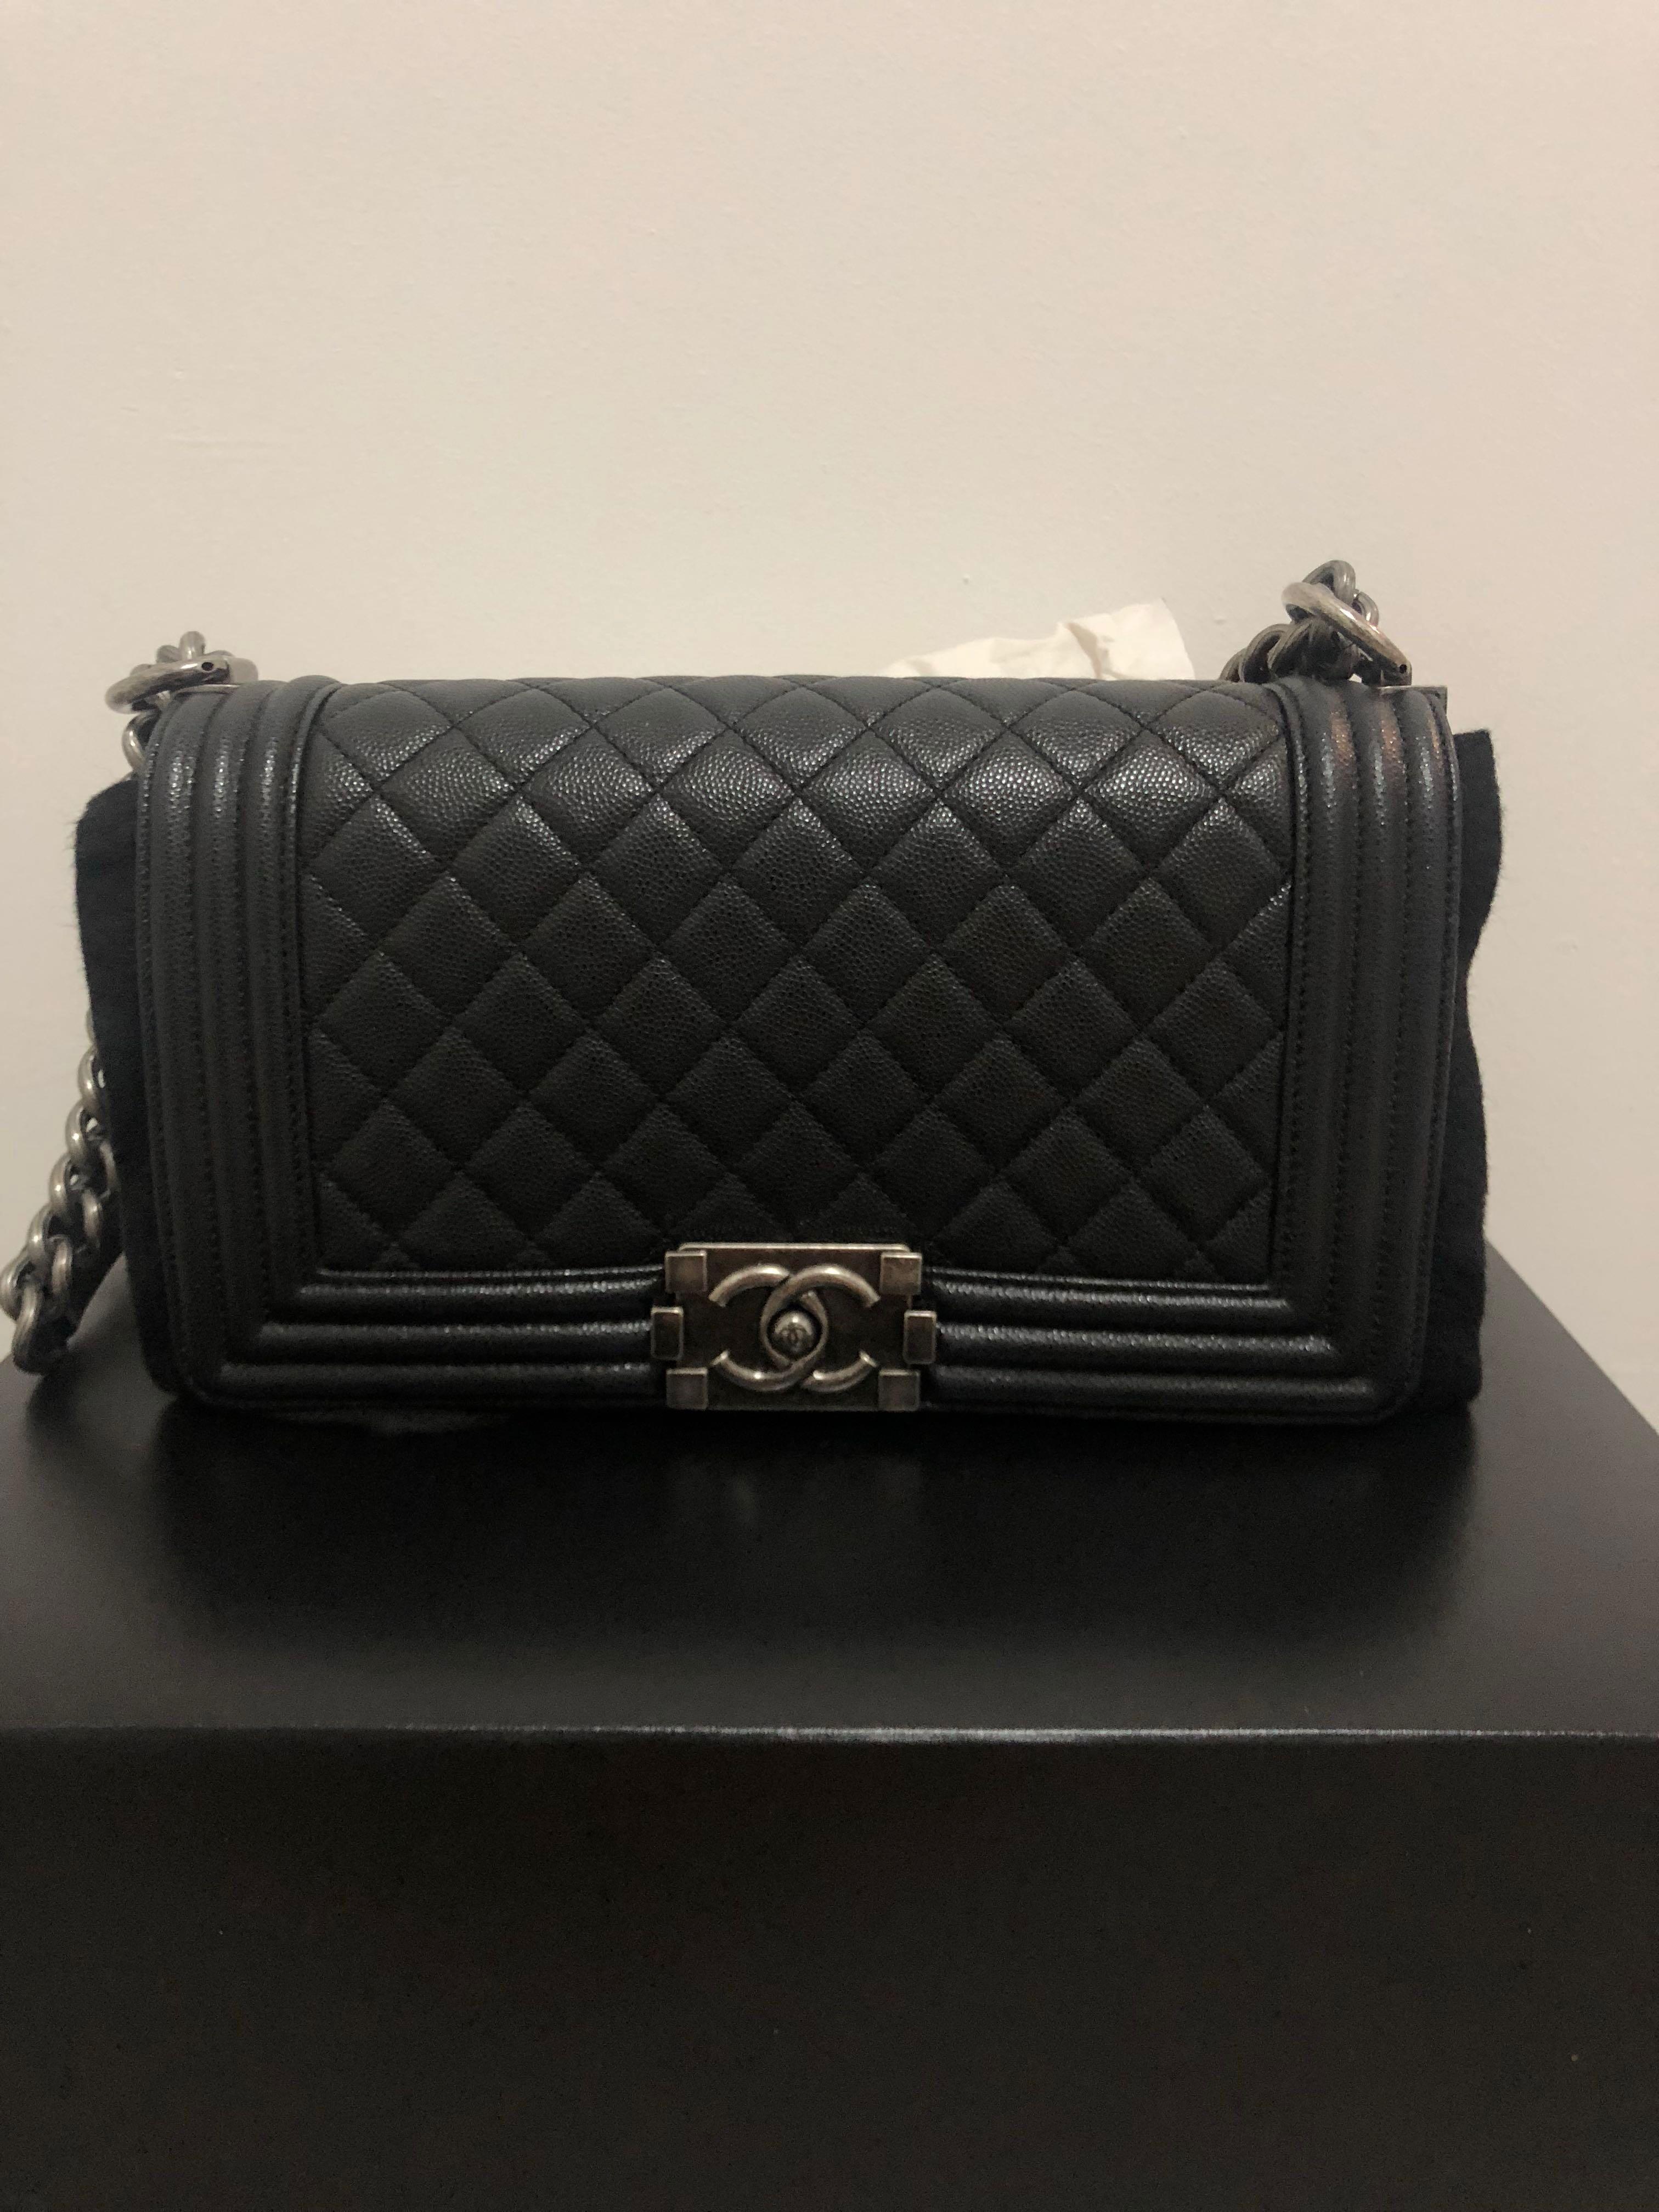 dd994e6872ac70 23 Chanel Boy in caviar old medium, Women's Fashion, Bags & Wallets ...